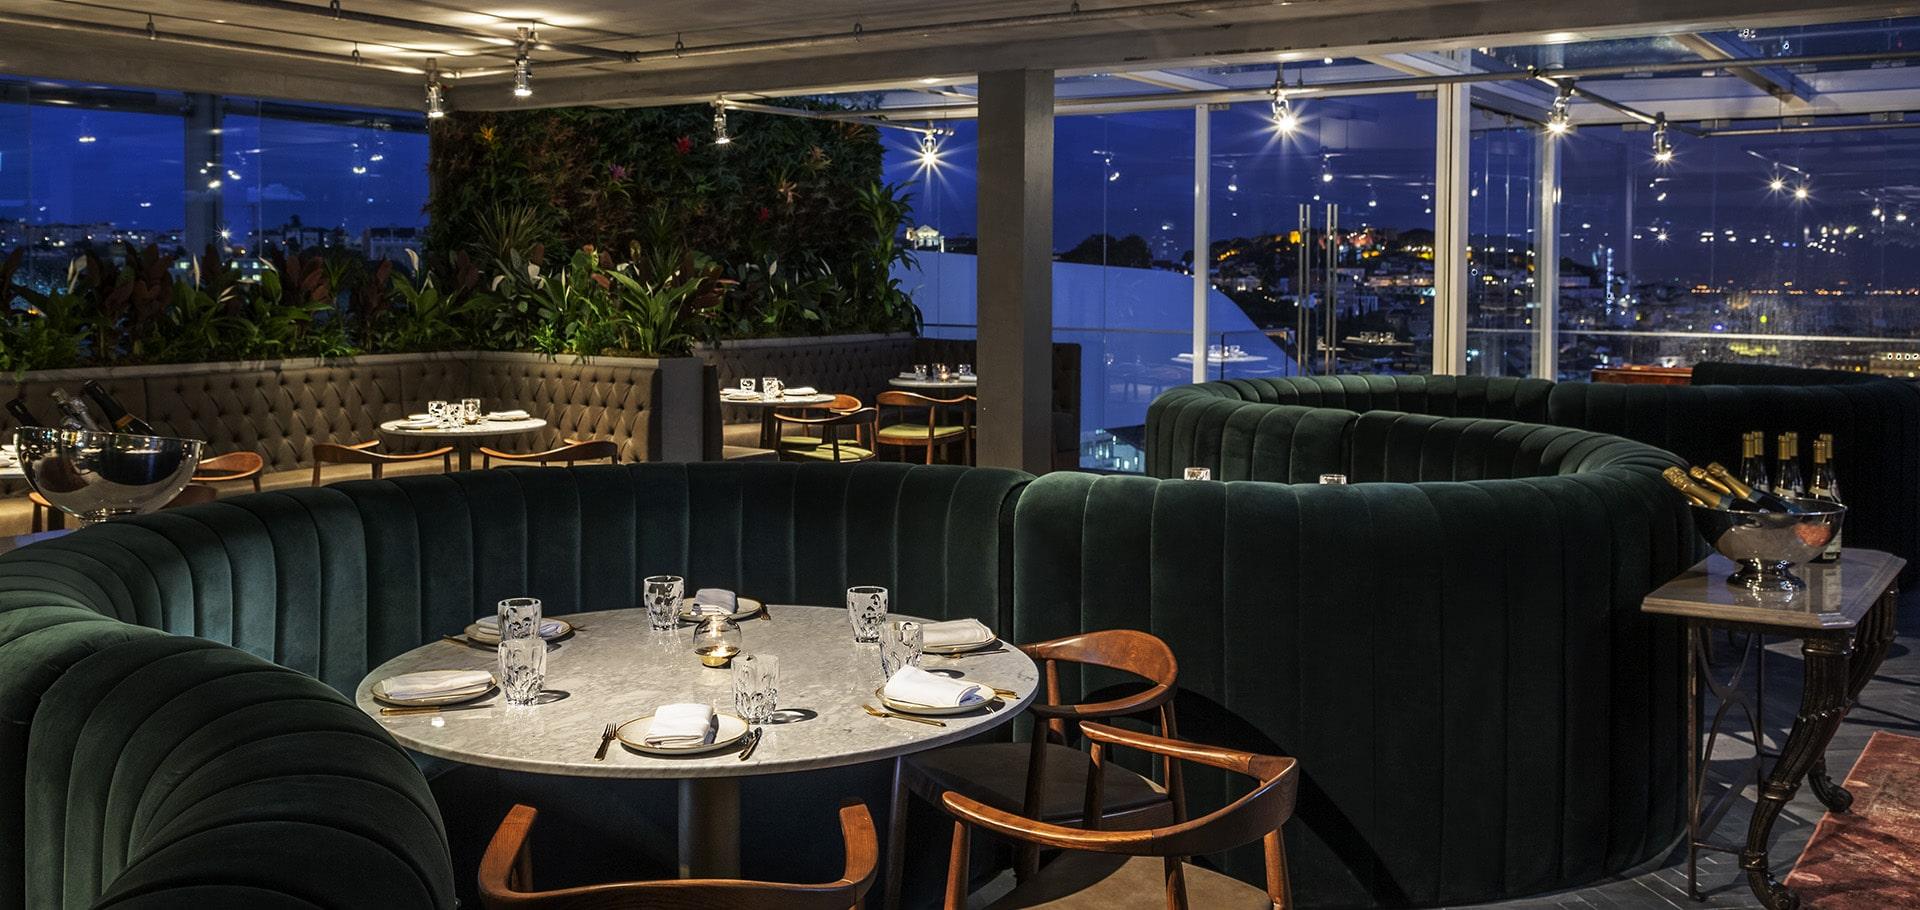 Meet The Cuisine Bar Menu Seen Lisboa Restaurant